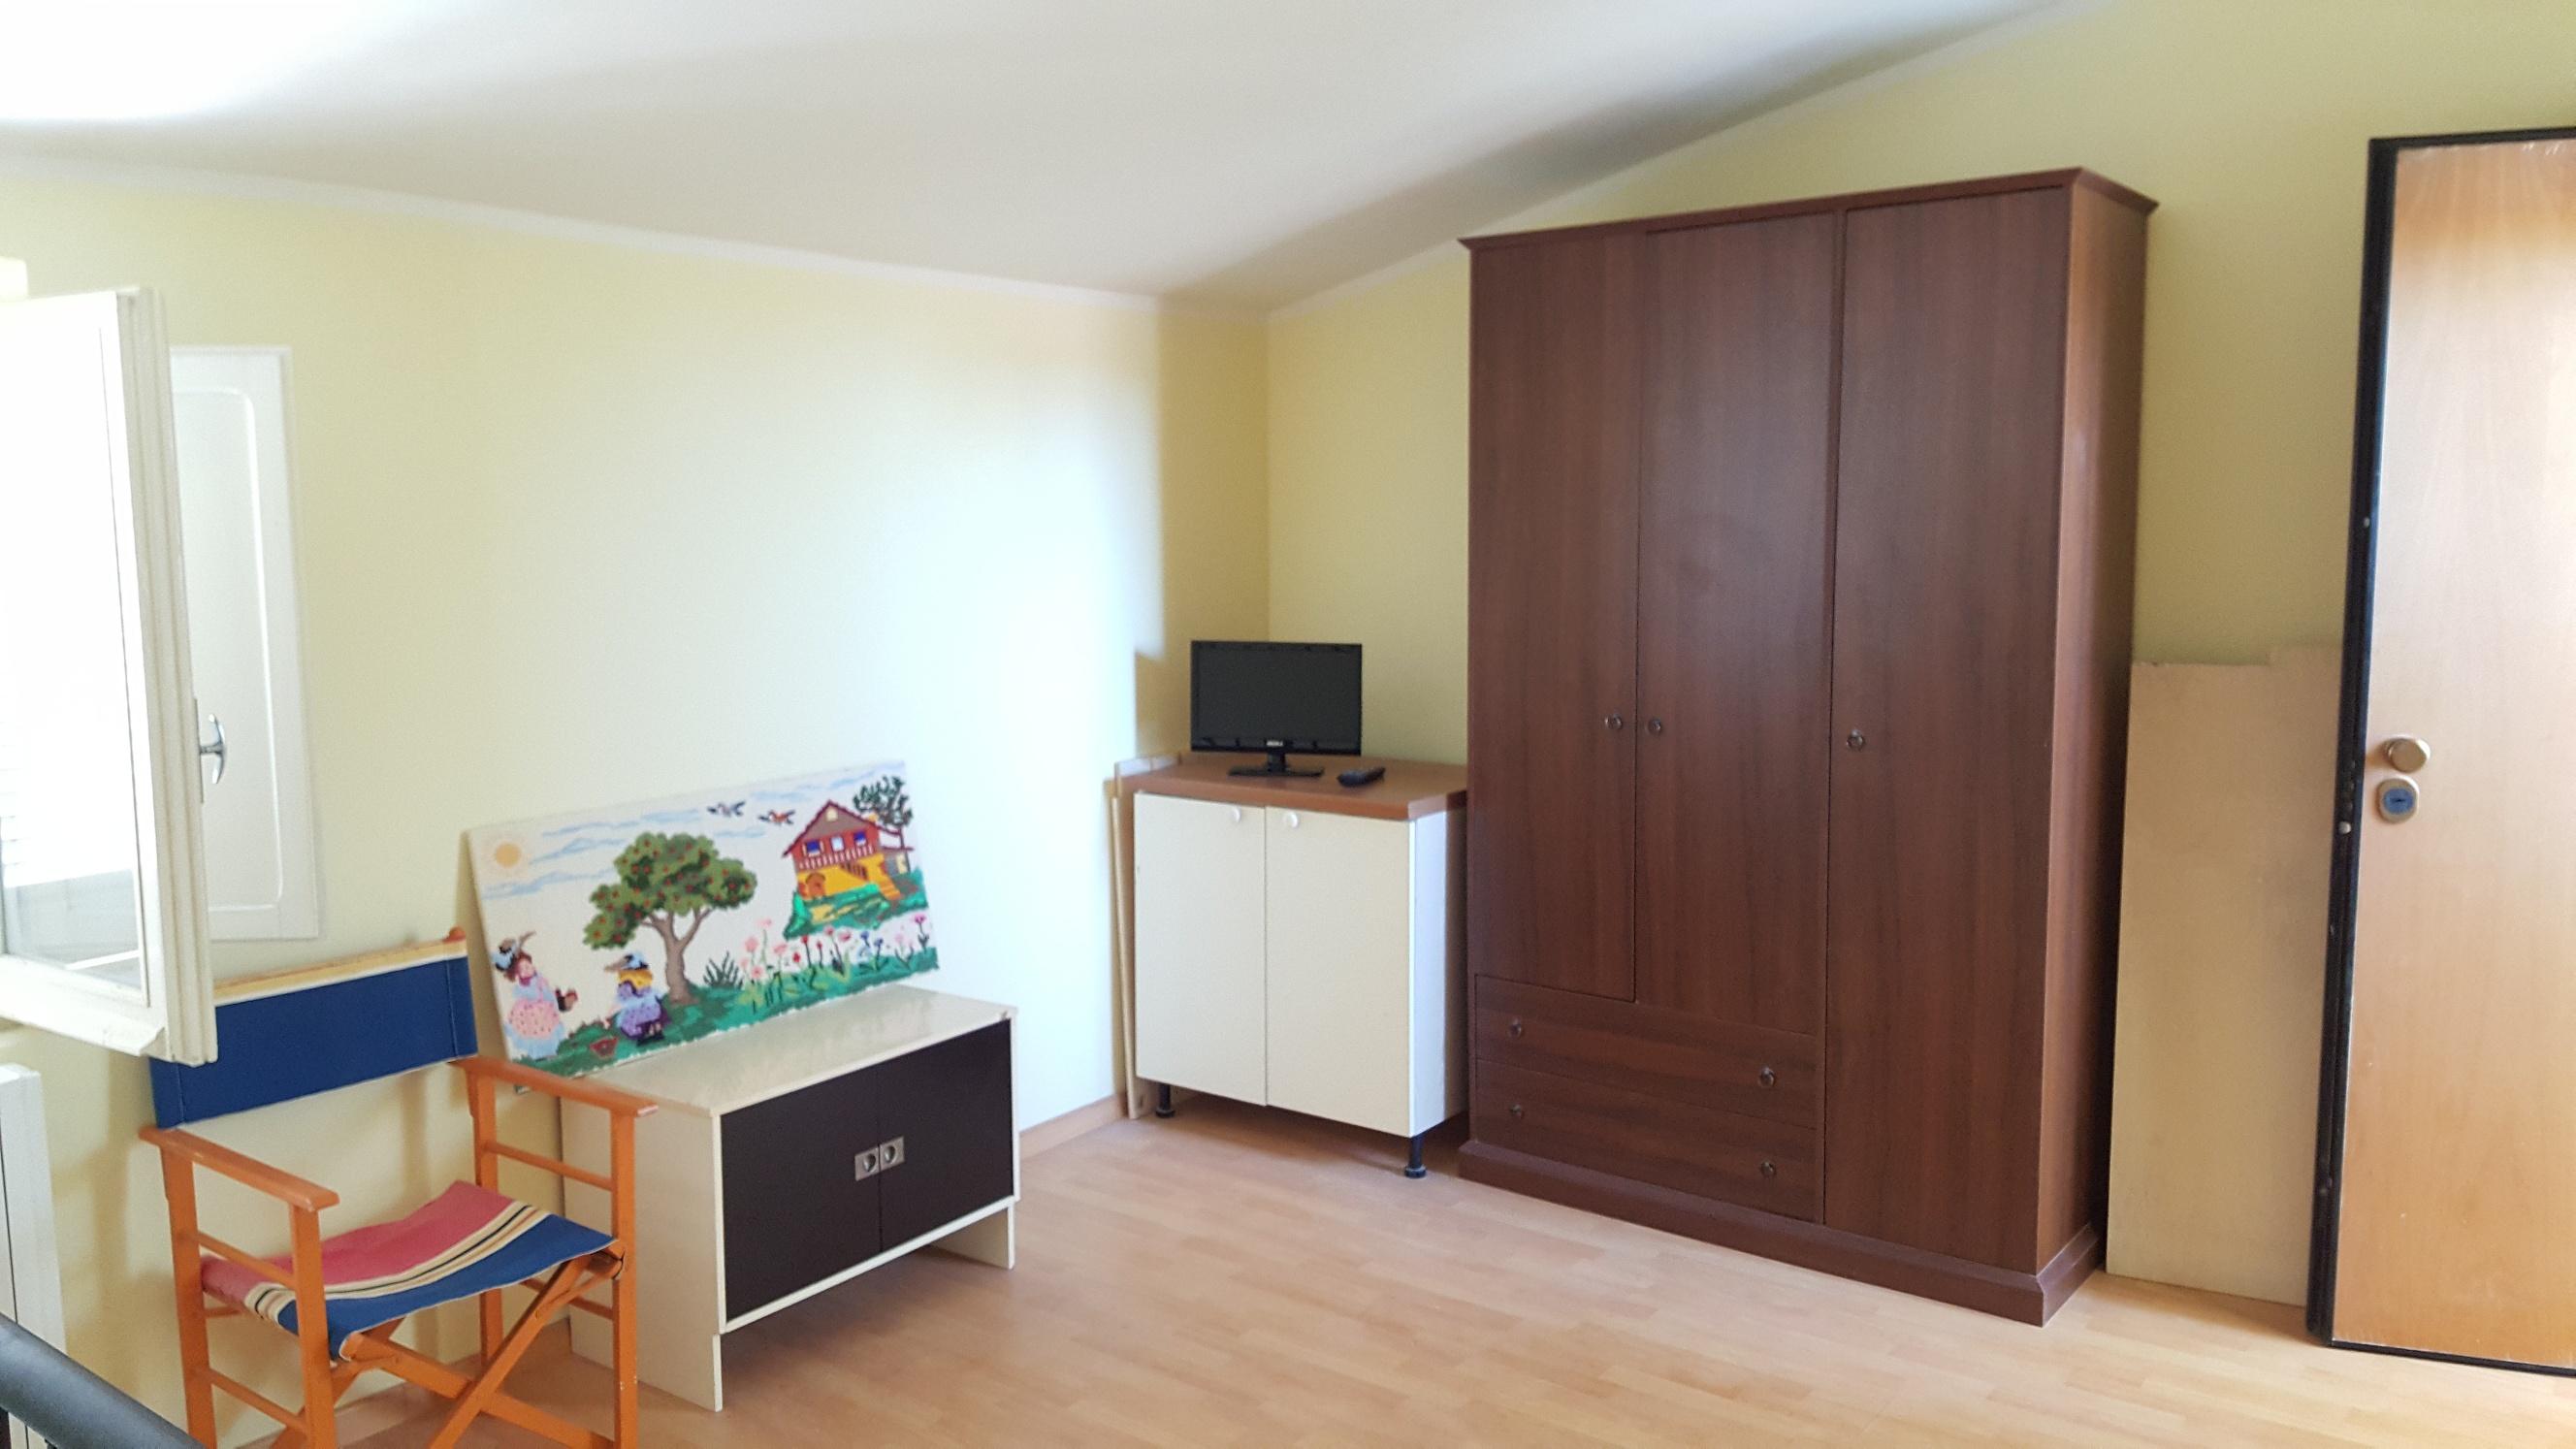 Vendita appartamento pesaro italcase agenzia for Arredamento per agenzia immobiliare